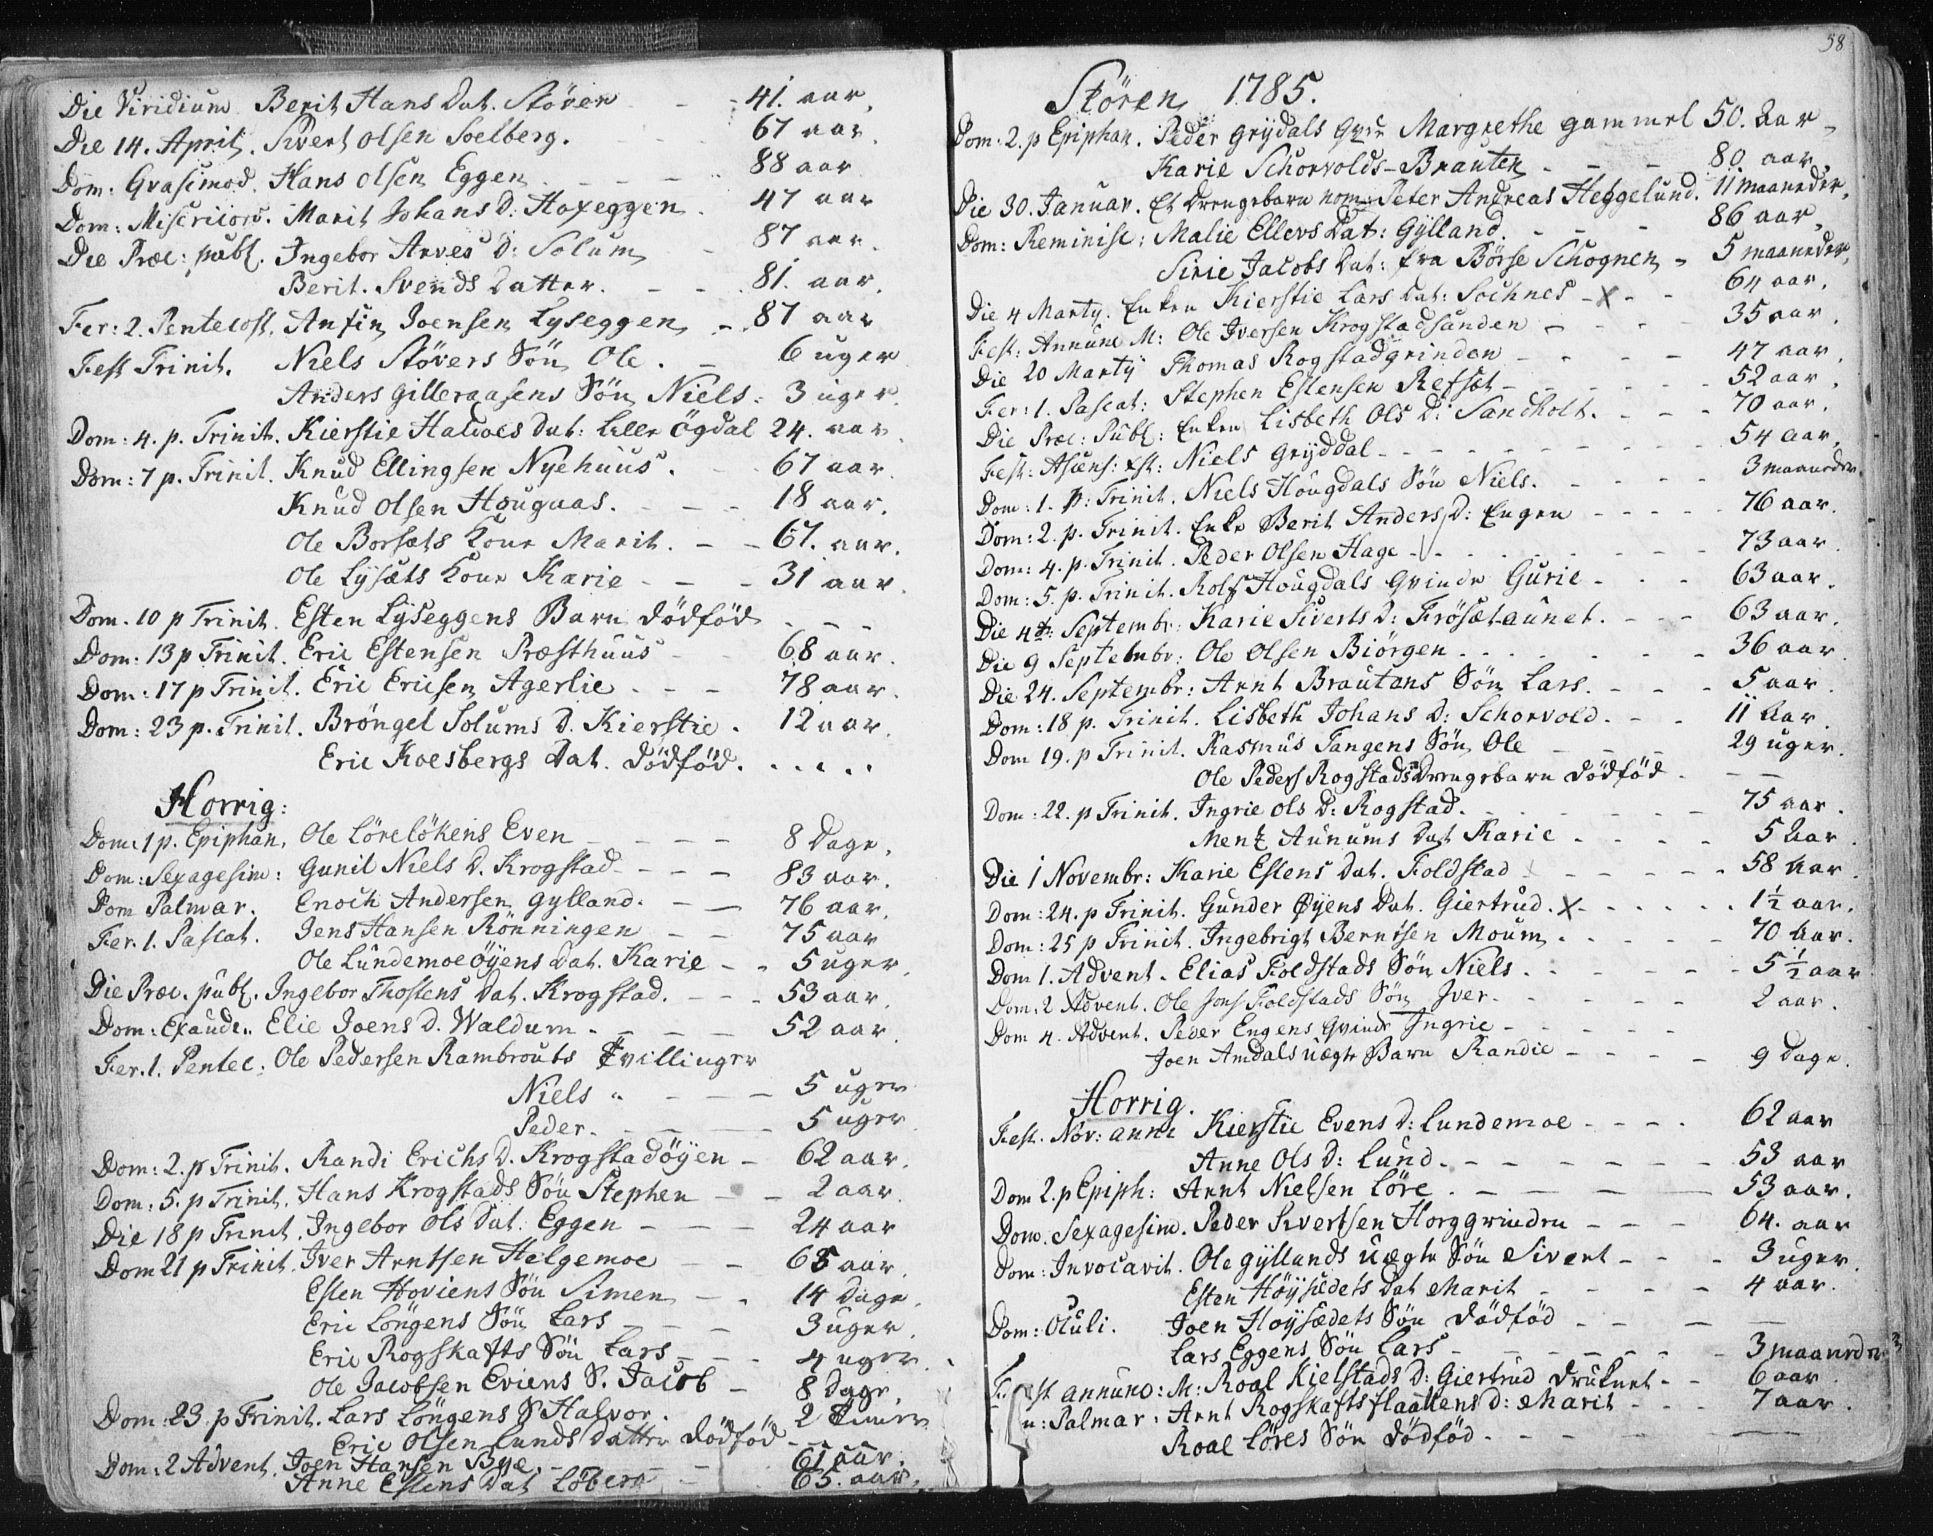 SAT, Ministerialprotokoller, klokkerbøker og fødselsregistre - Sør-Trøndelag, 687/L0991: Ministerialbok nr. 687A02, 1747-1790, s. 58